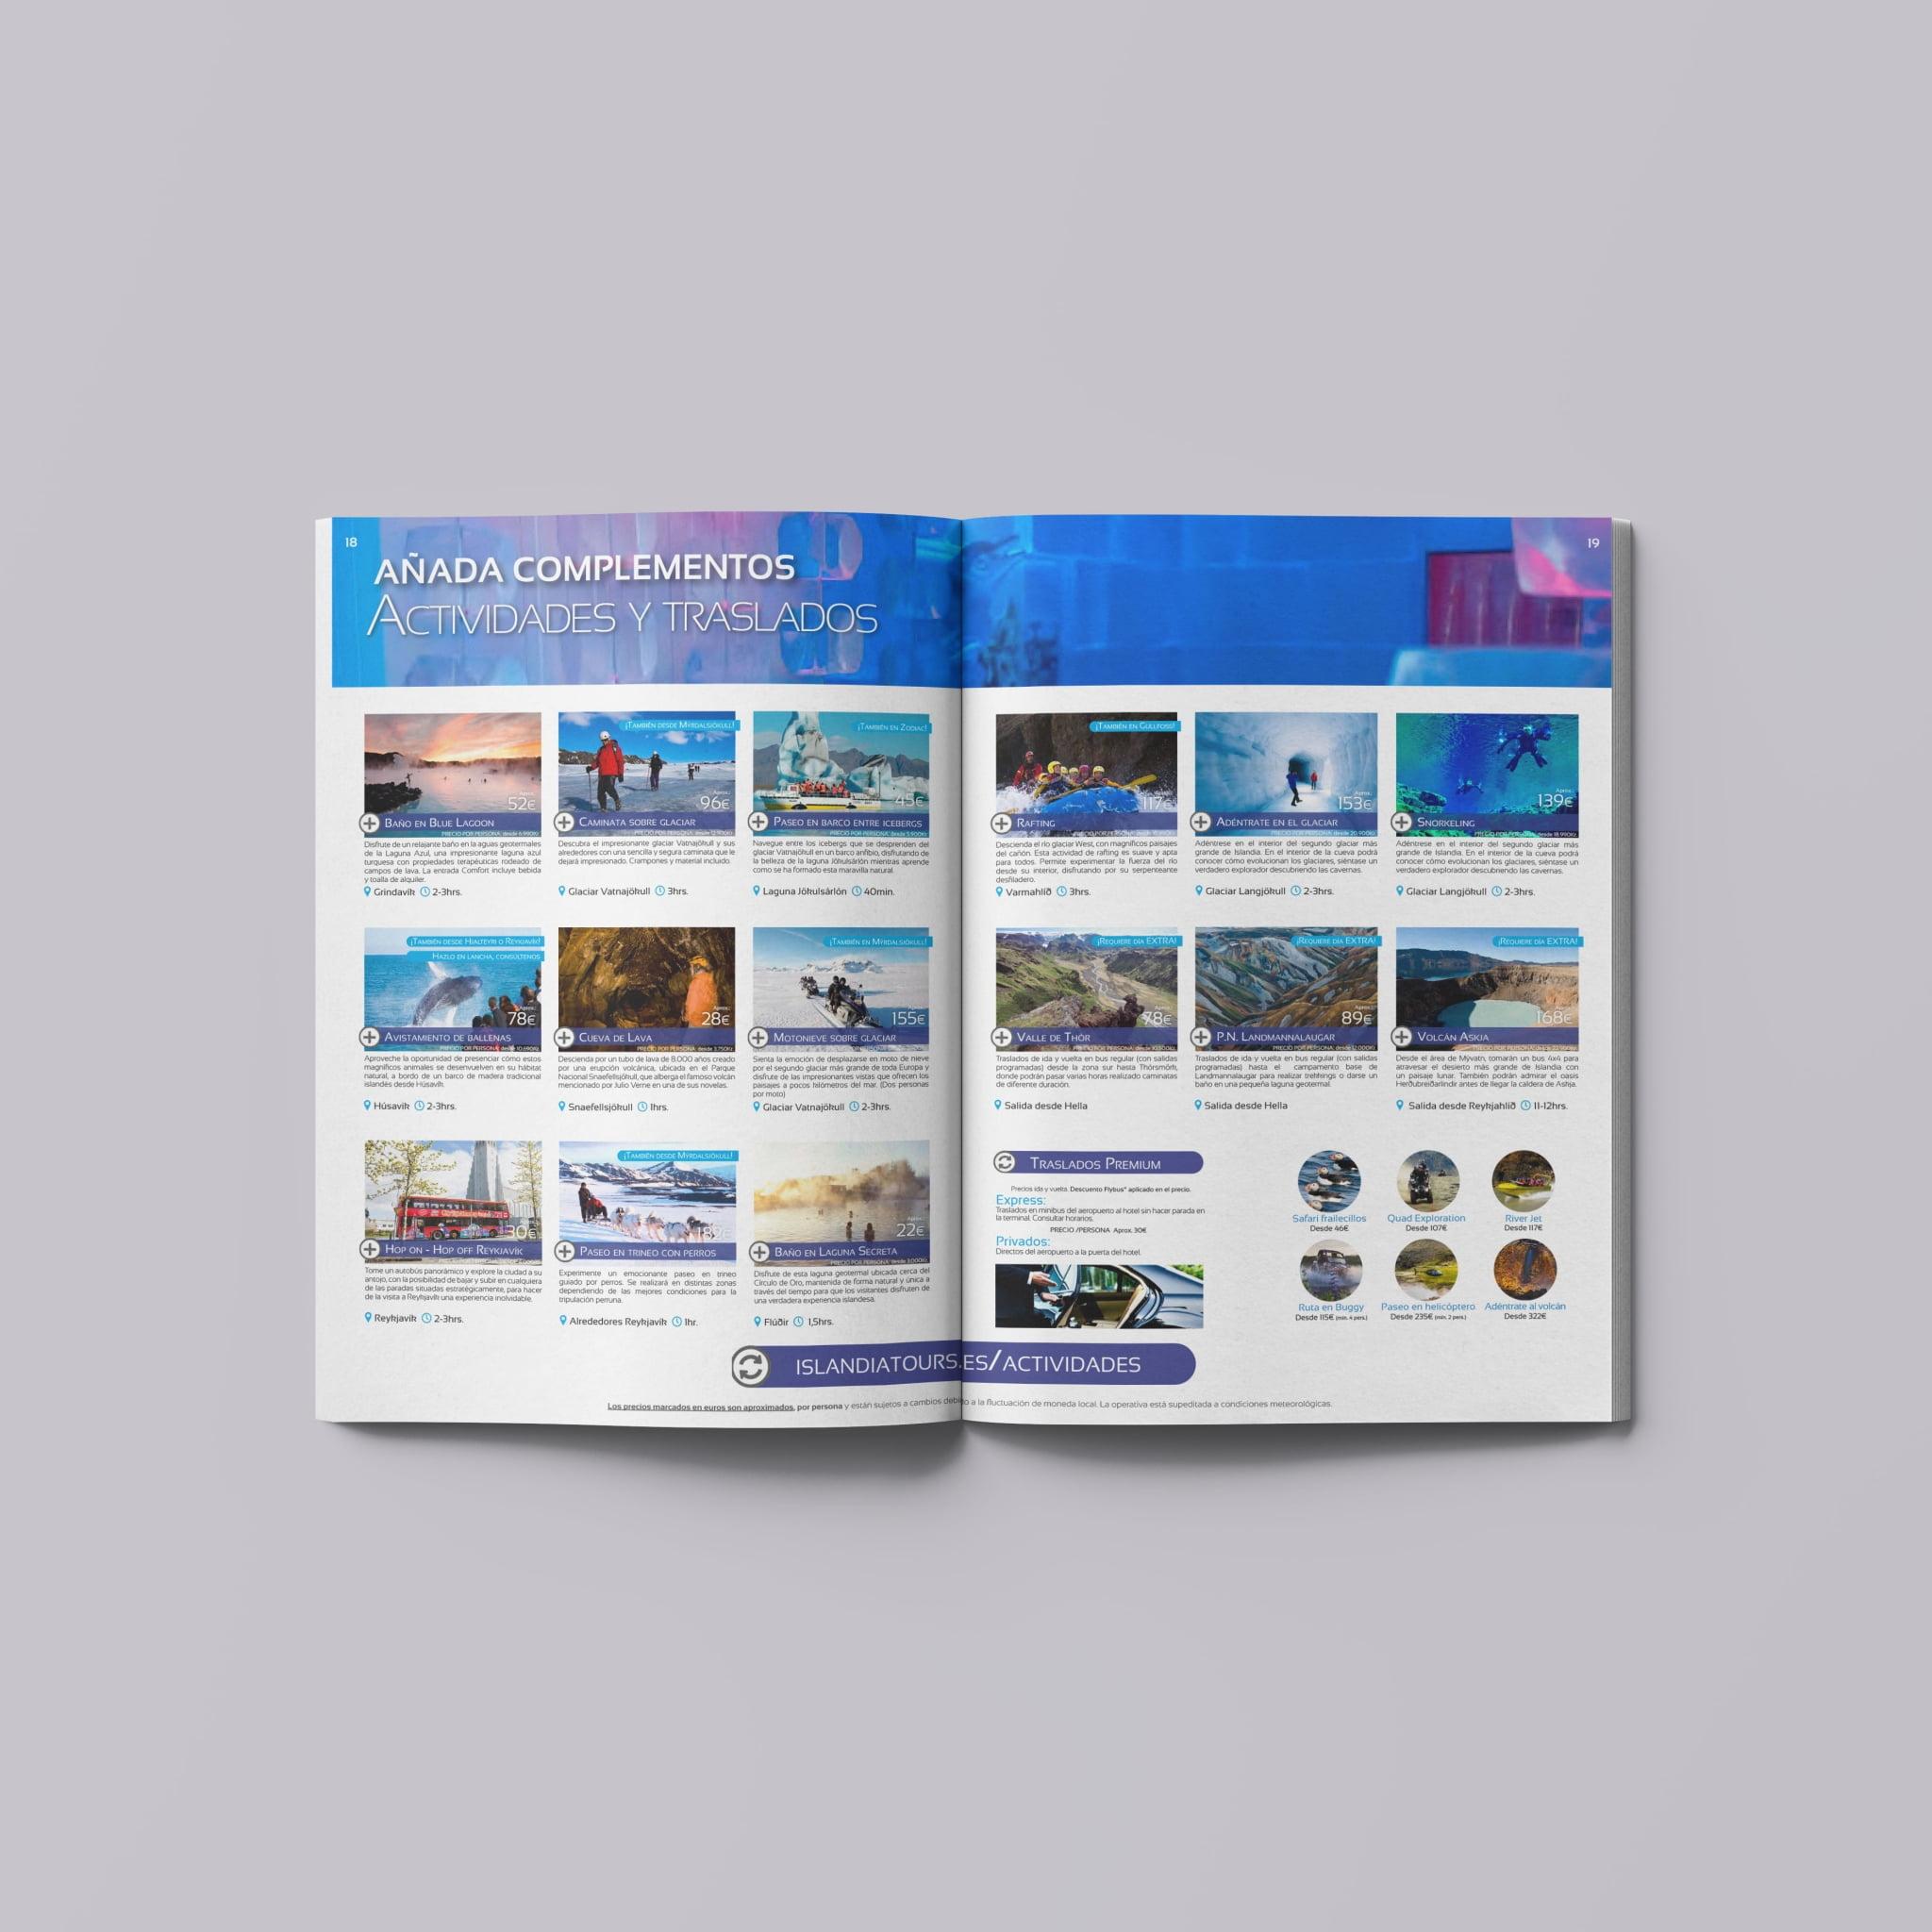 Página de actividades catálogo